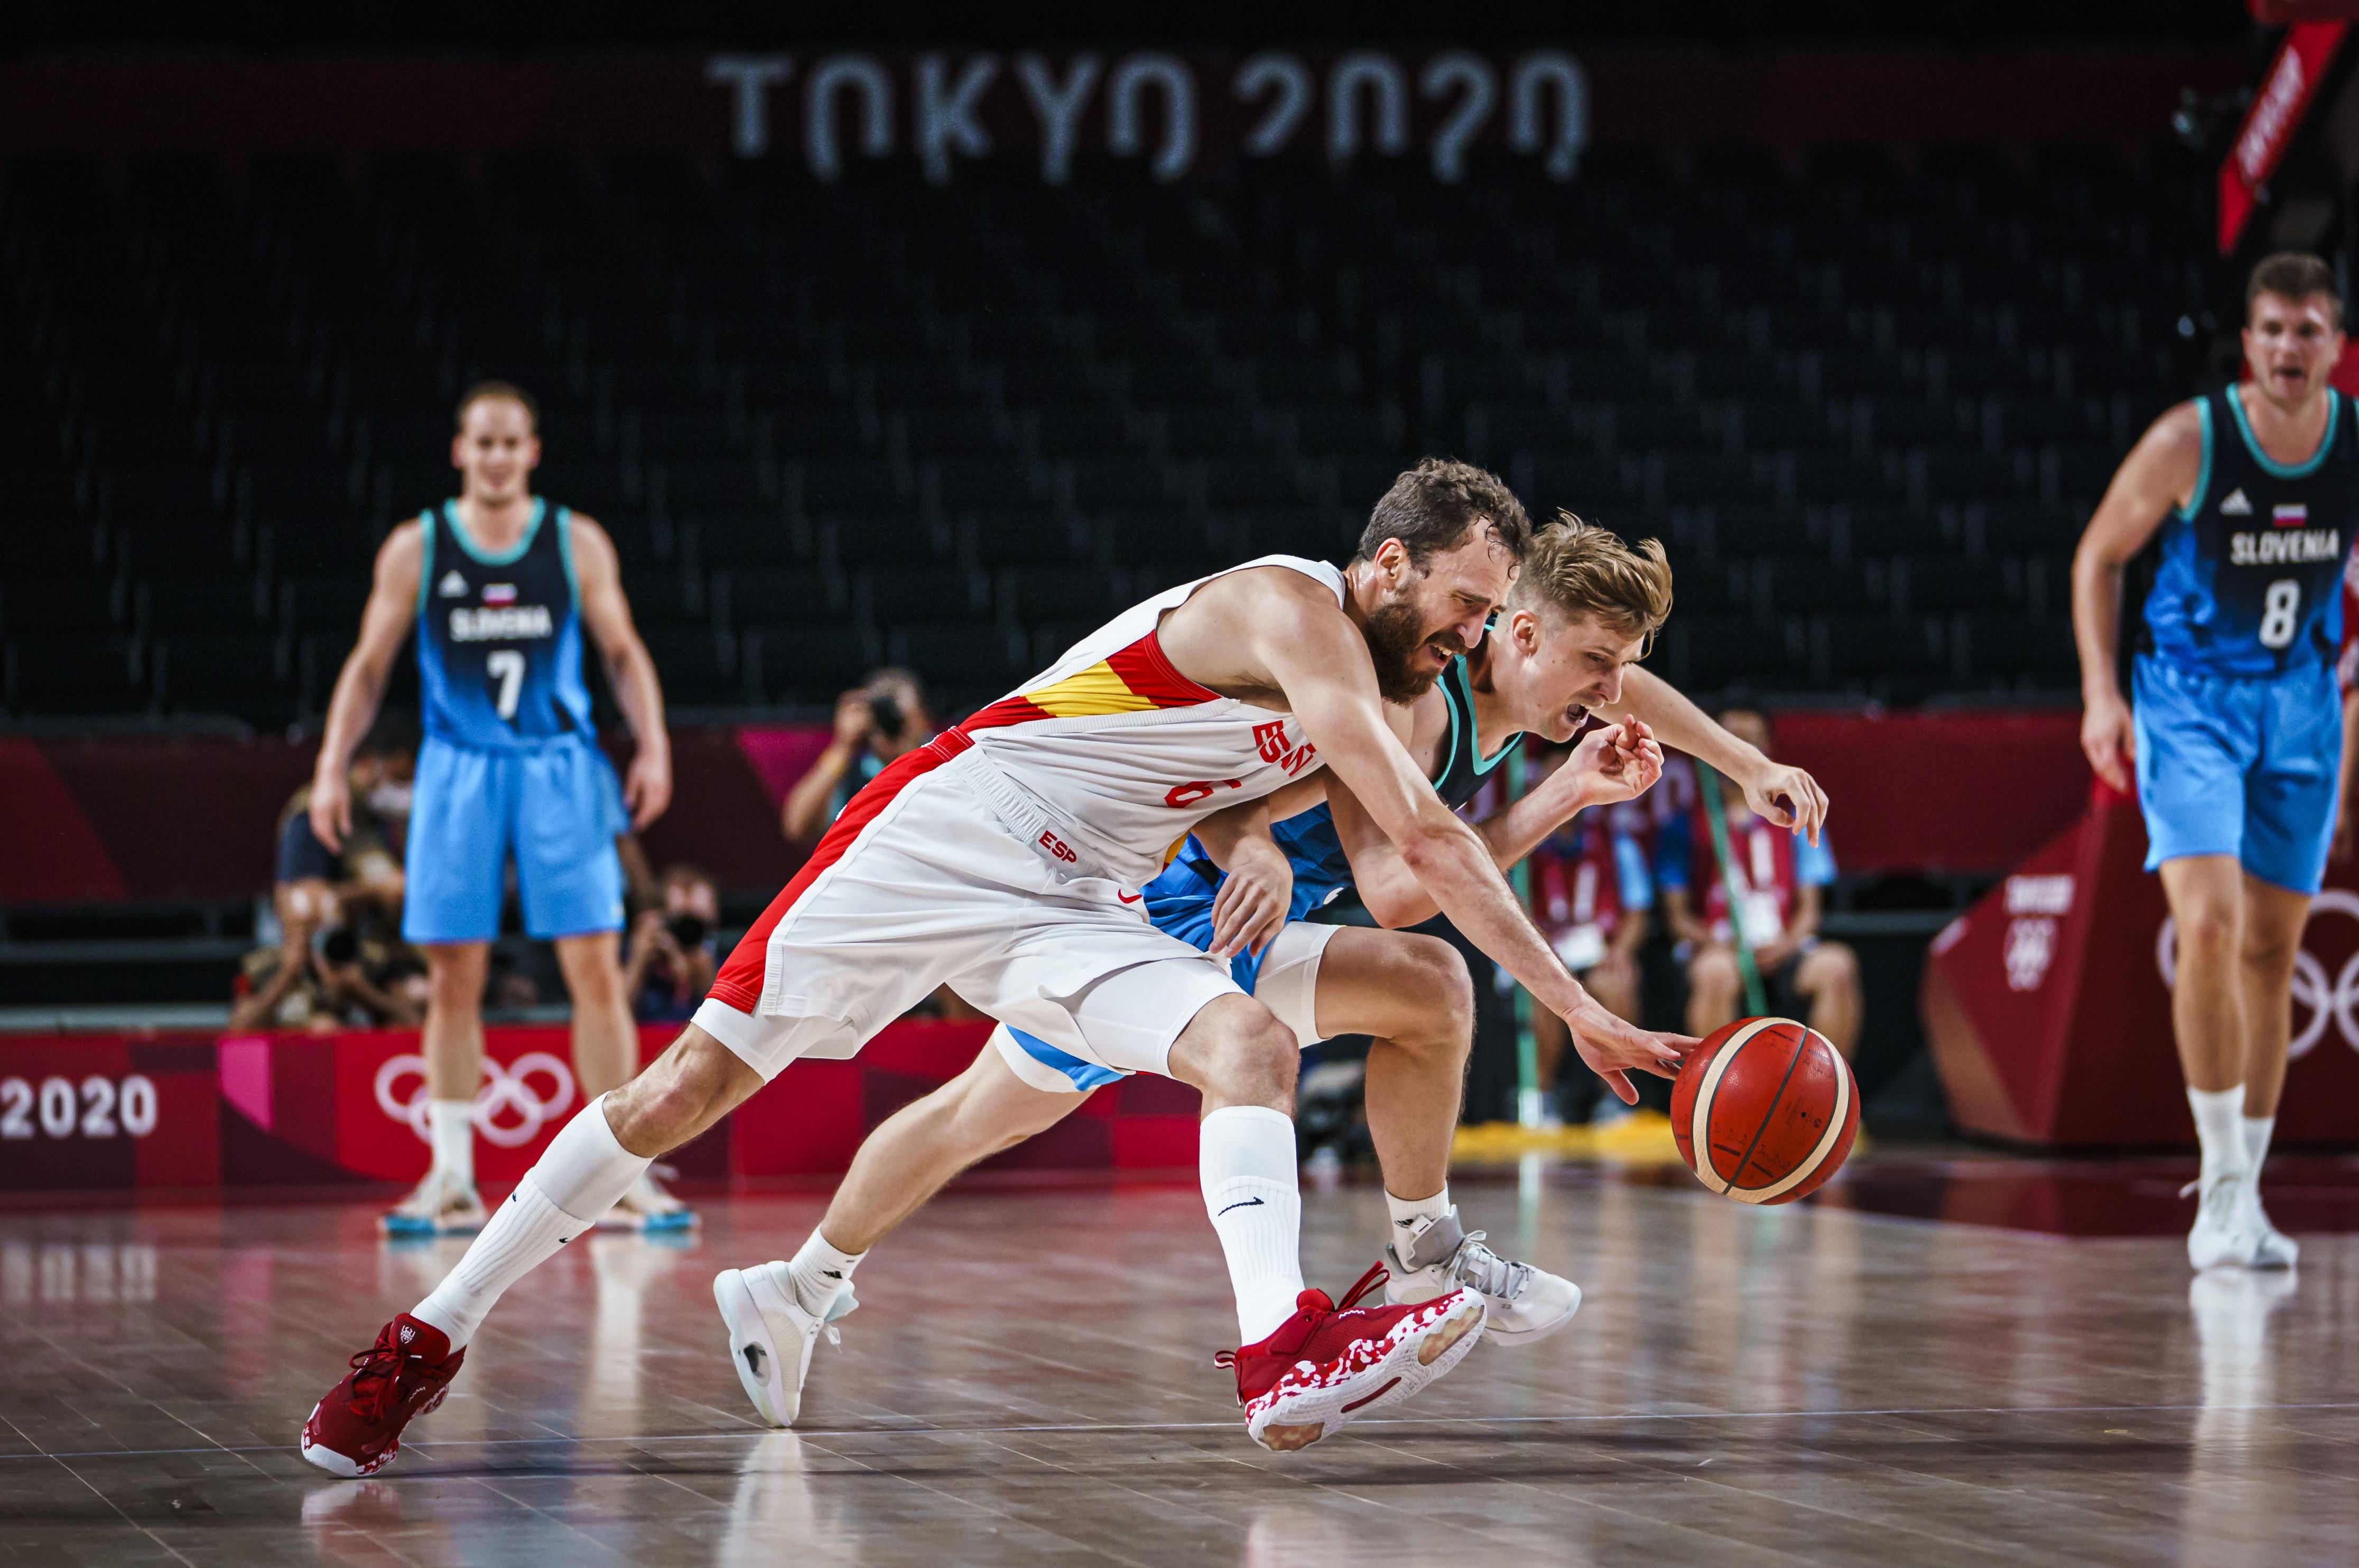 La selección masculina pierde ante Eslovenia y se complica la existencia olímpica